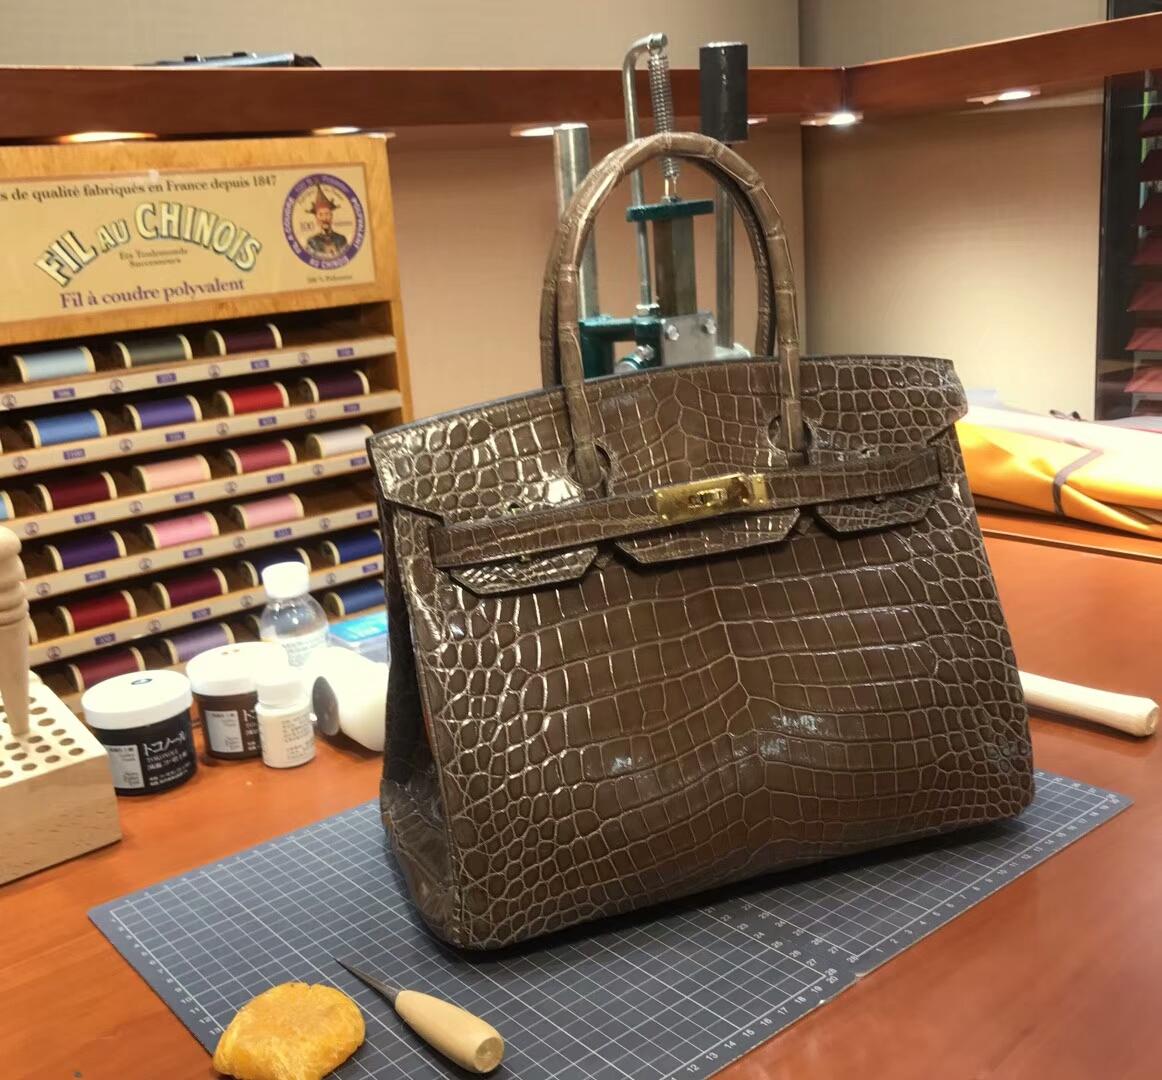 爱马仕 HERMES 铂金包 Birkin 配全套专柜原版包装 全球发售 6C Cuiuvr 古铜色